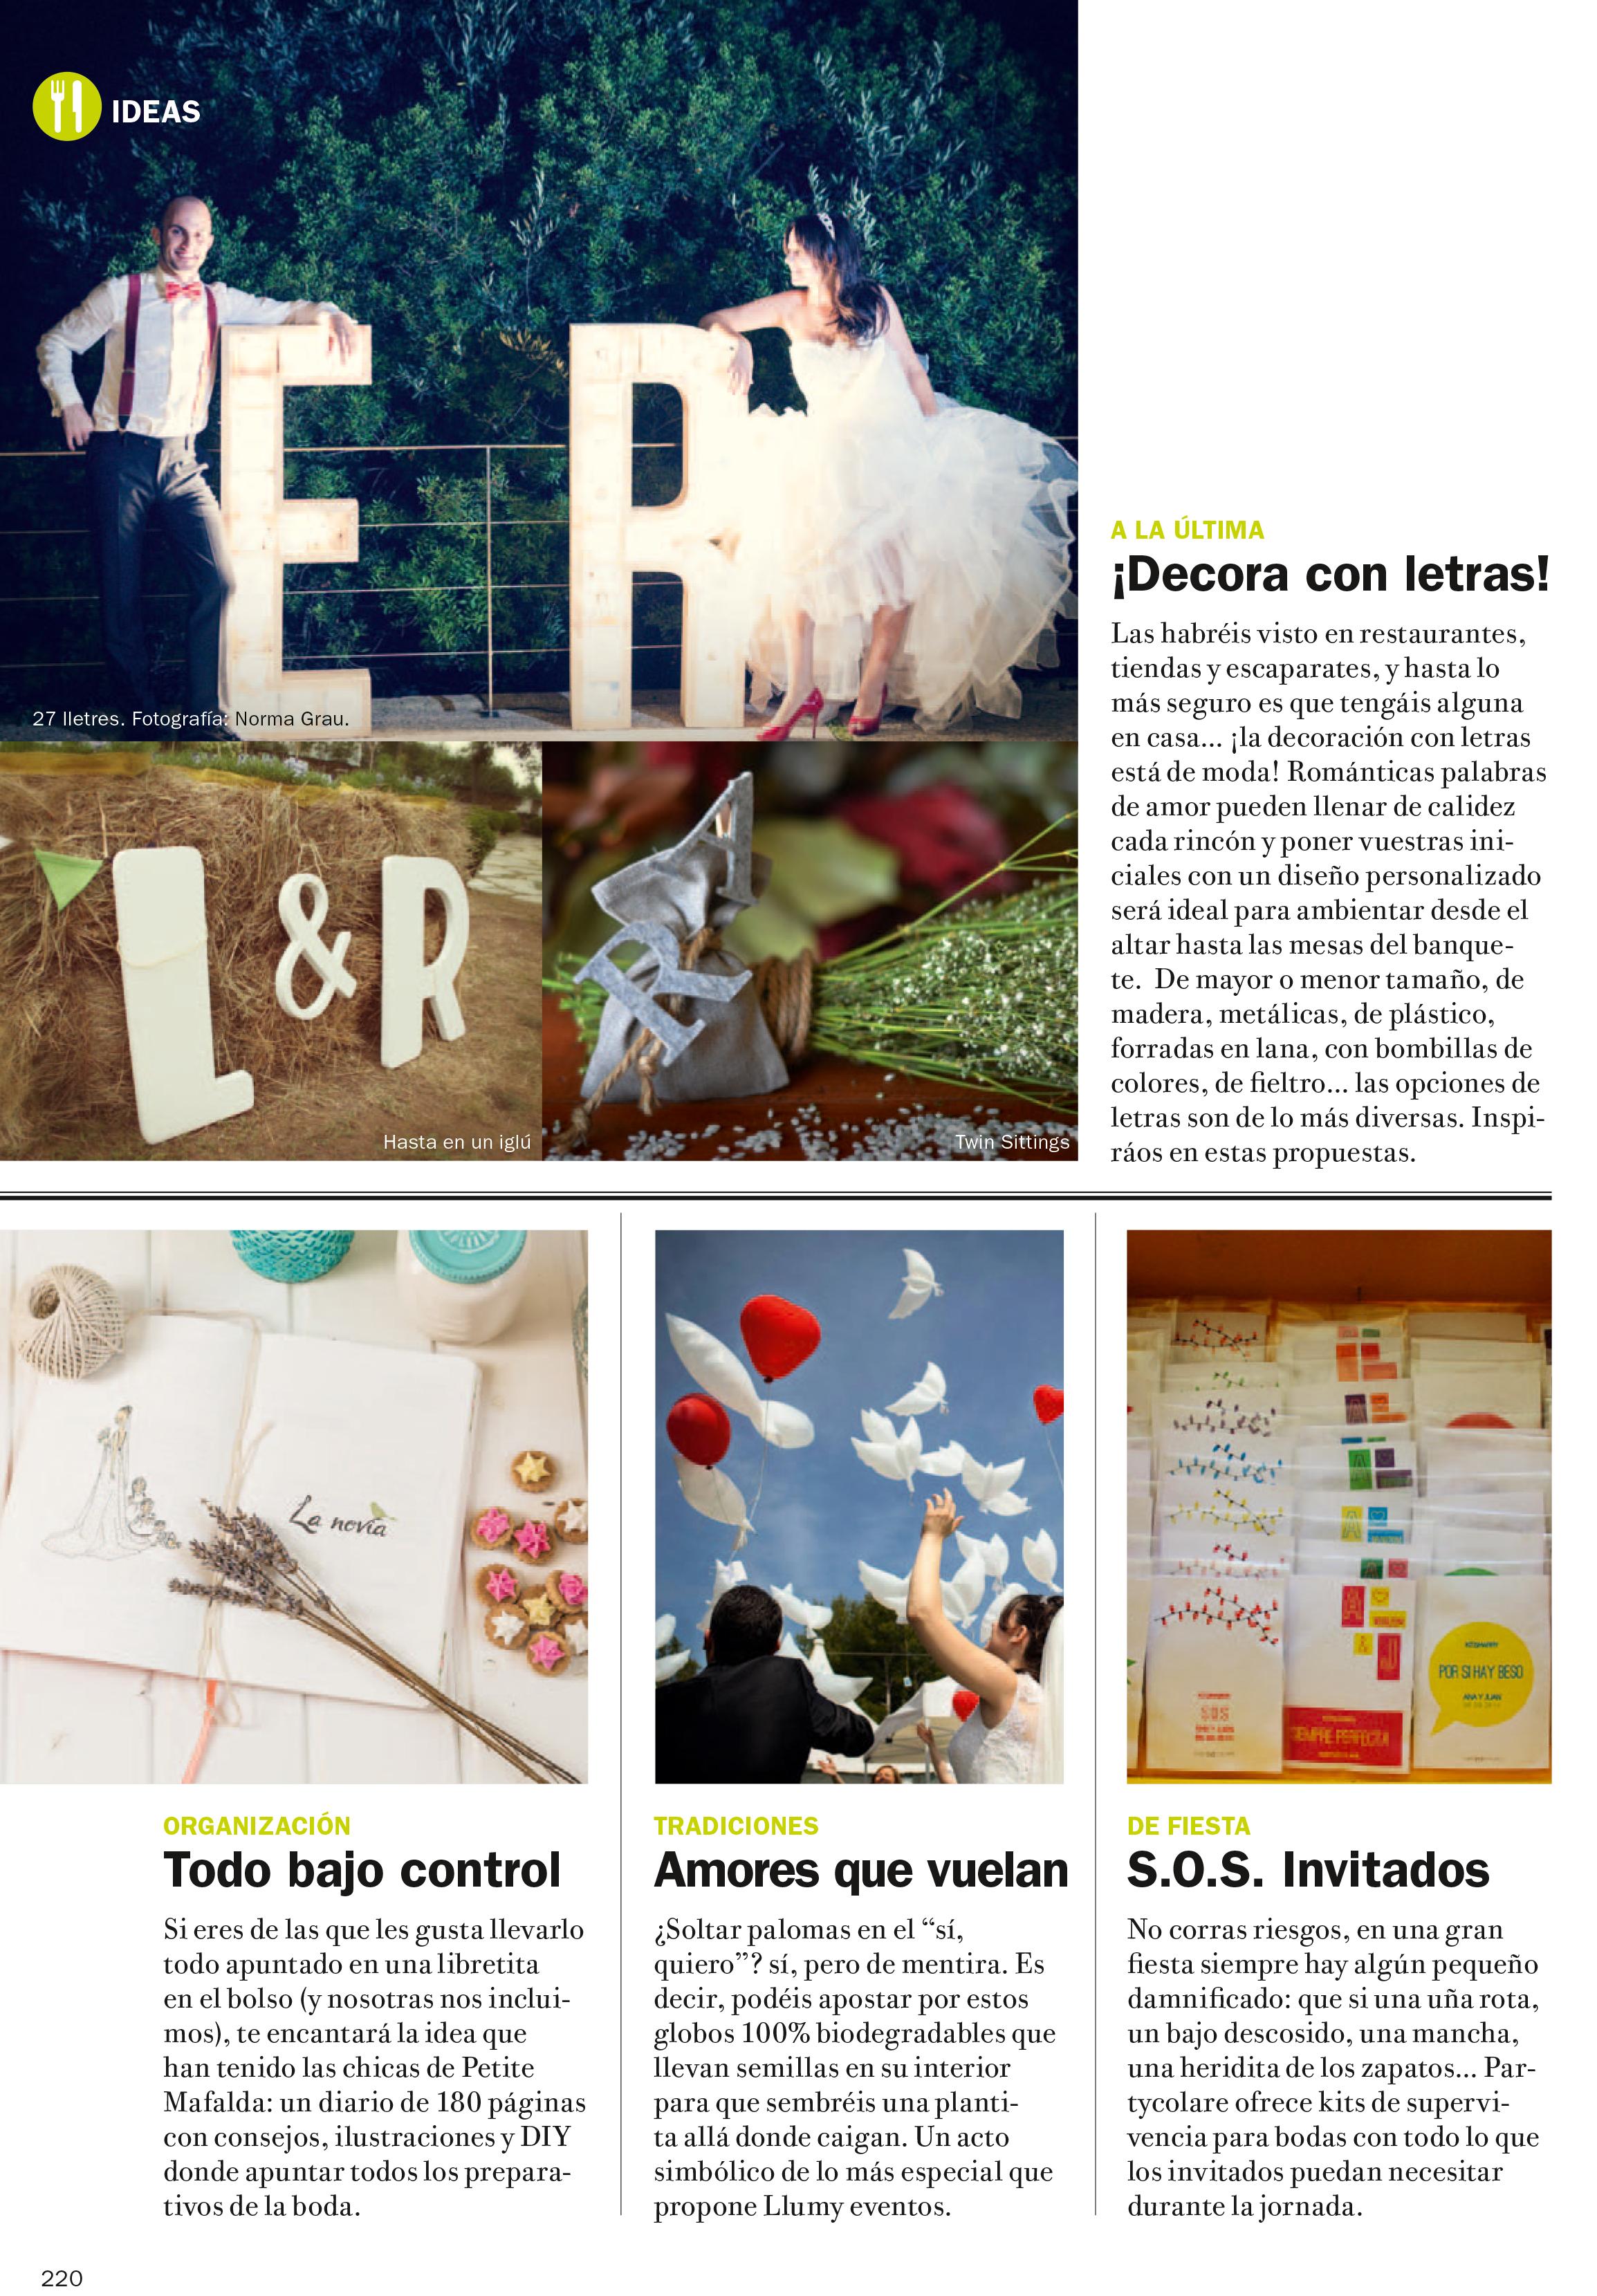 partycolare_revista novias